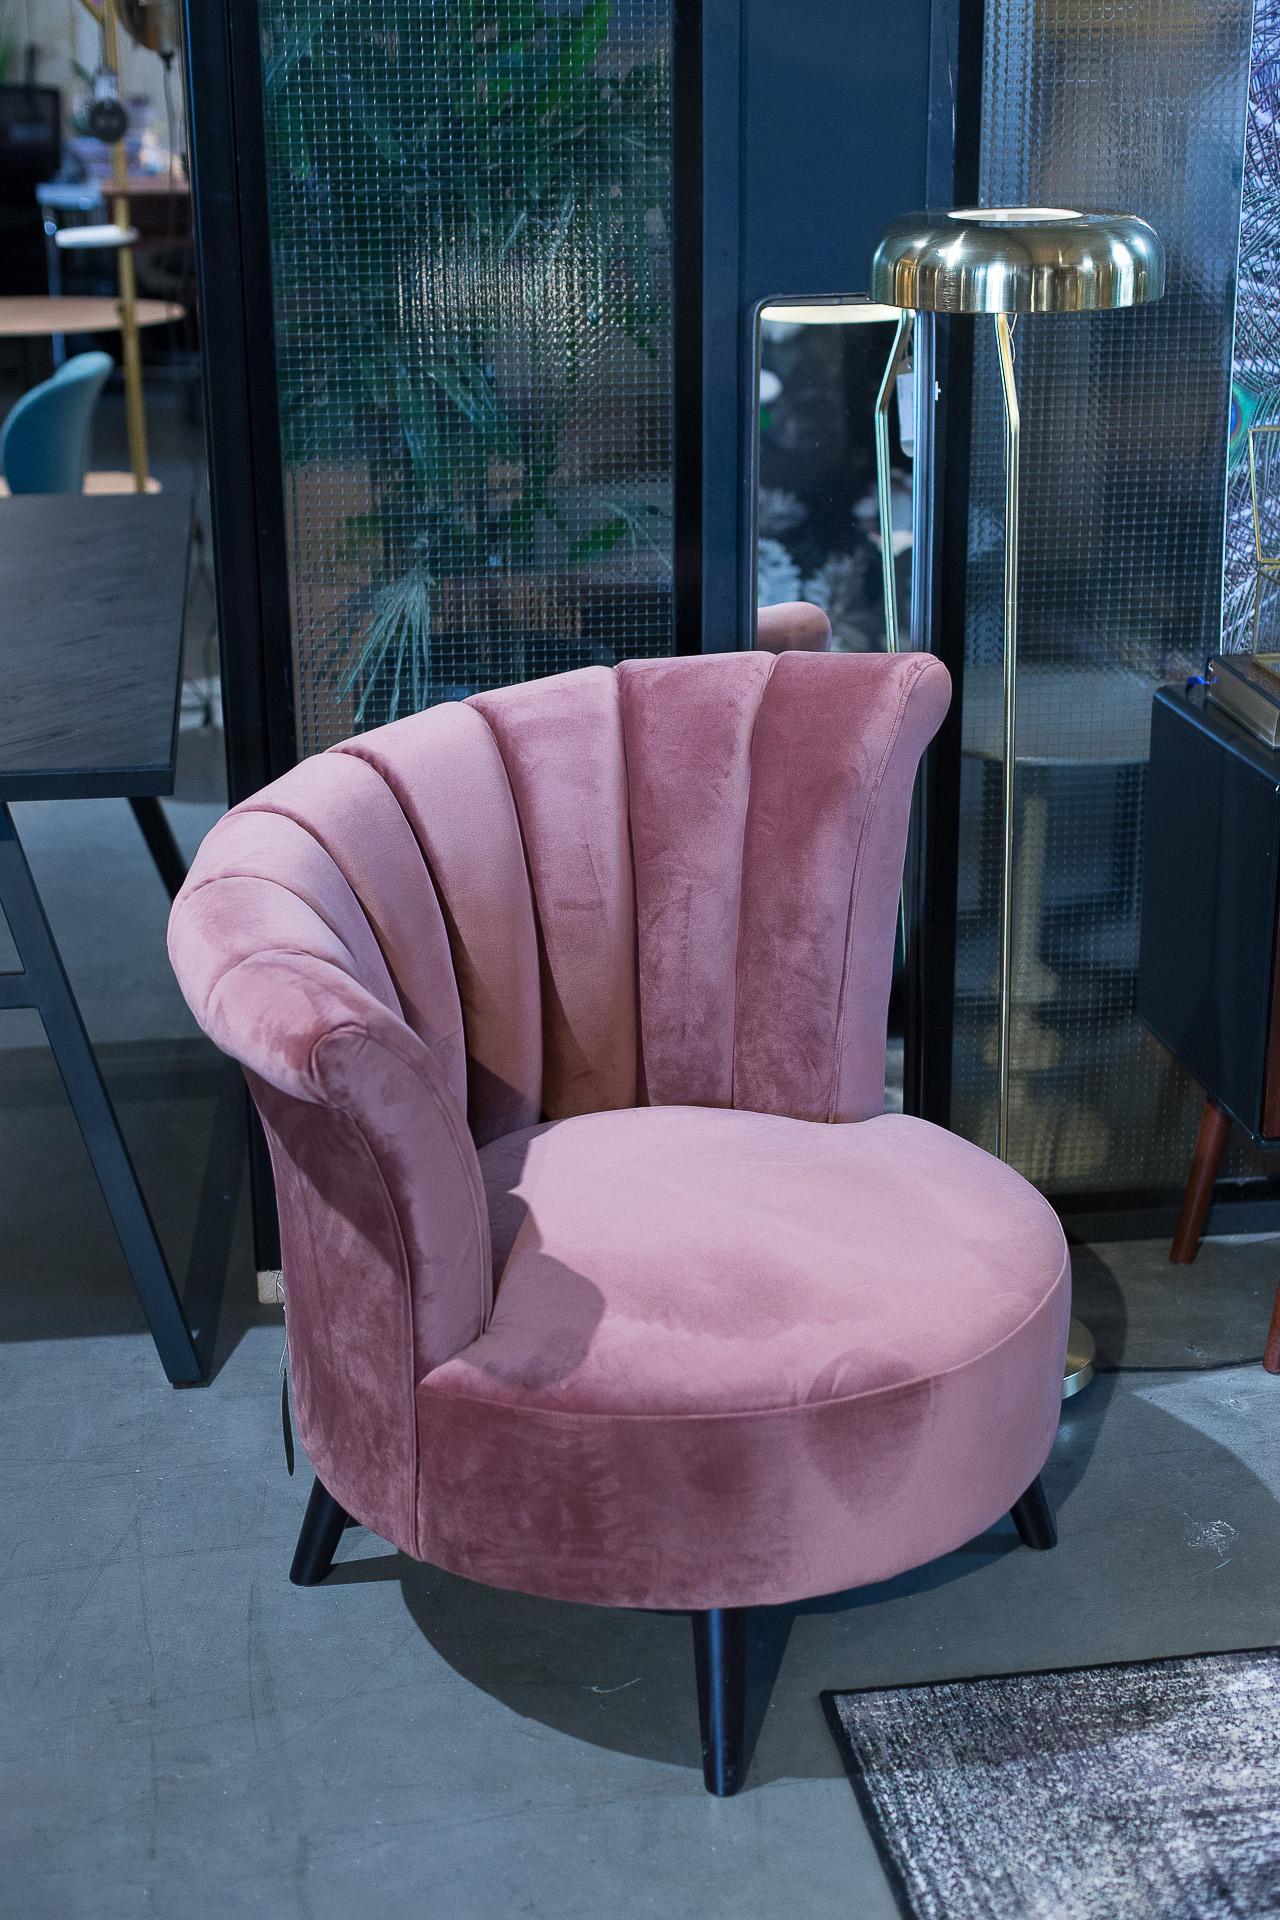 Inneneinrichtung Heidelberg, Mannheim, Stuttgart - Gaffga Interieur Design - Moebel von Zuiver, rosa Sessel